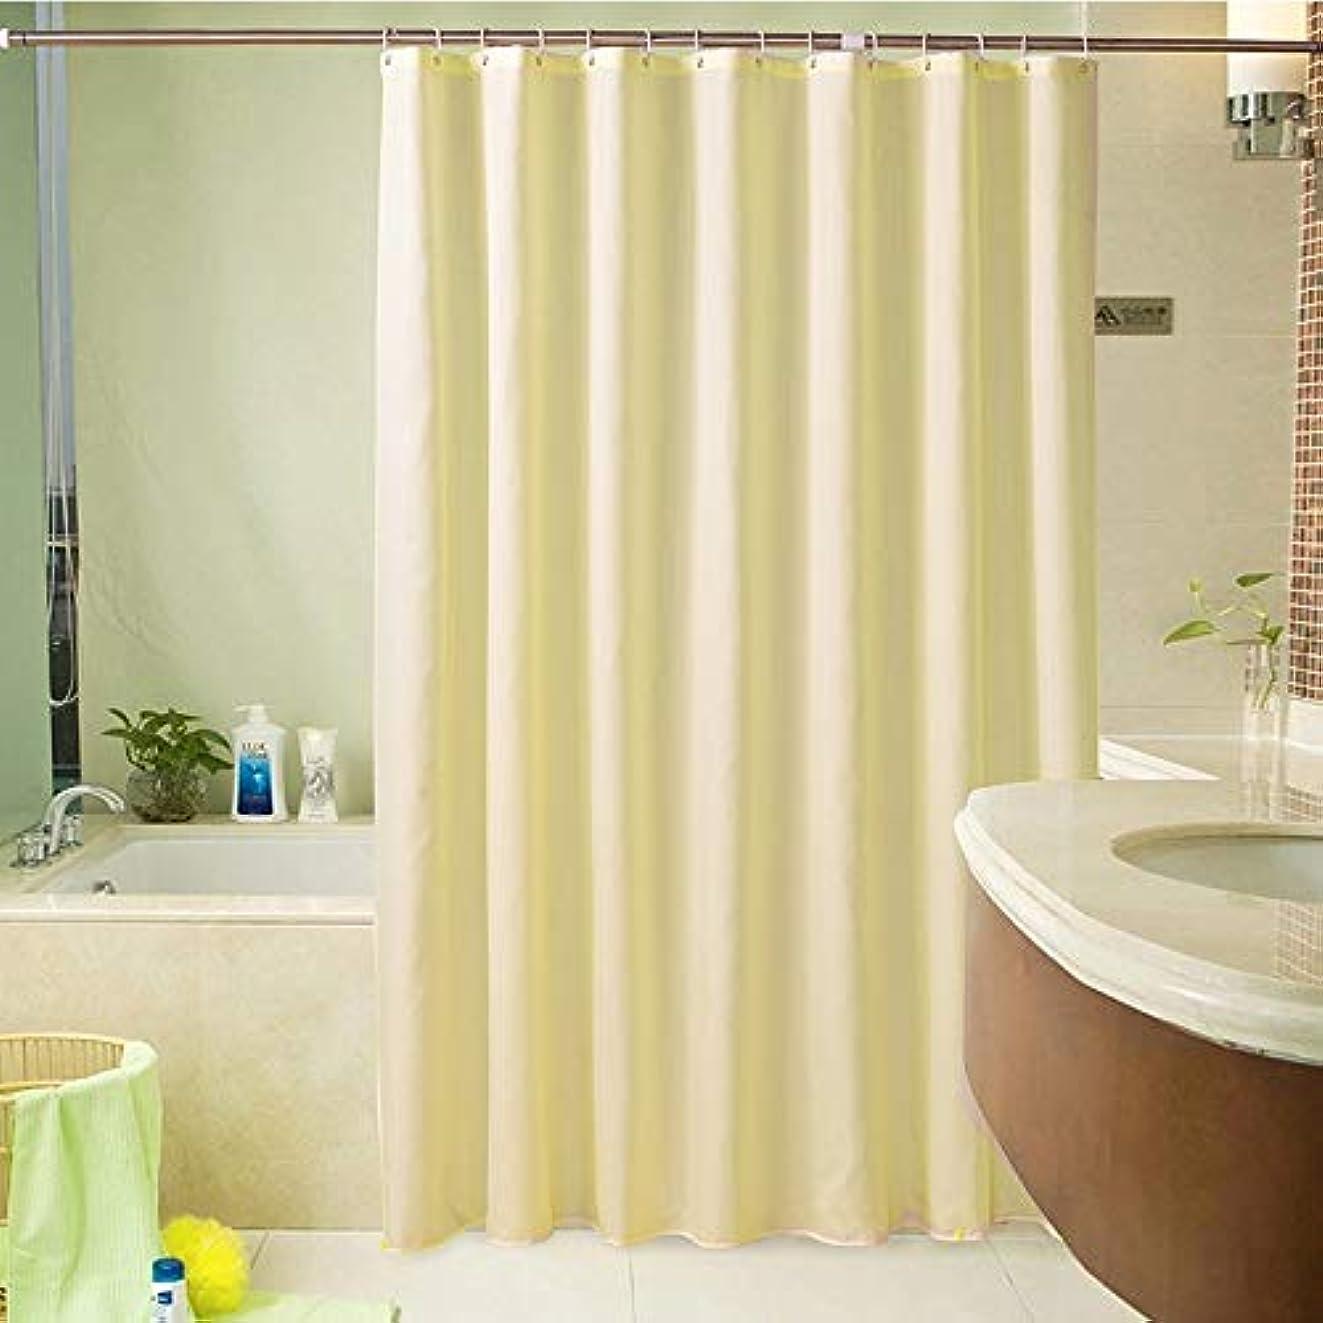 やむを得ないコードレス割り当てSubeiのホテルのホテルのシャワーカーテンポリエステルは防水カーテンを厚くしました (色 : 200*180)